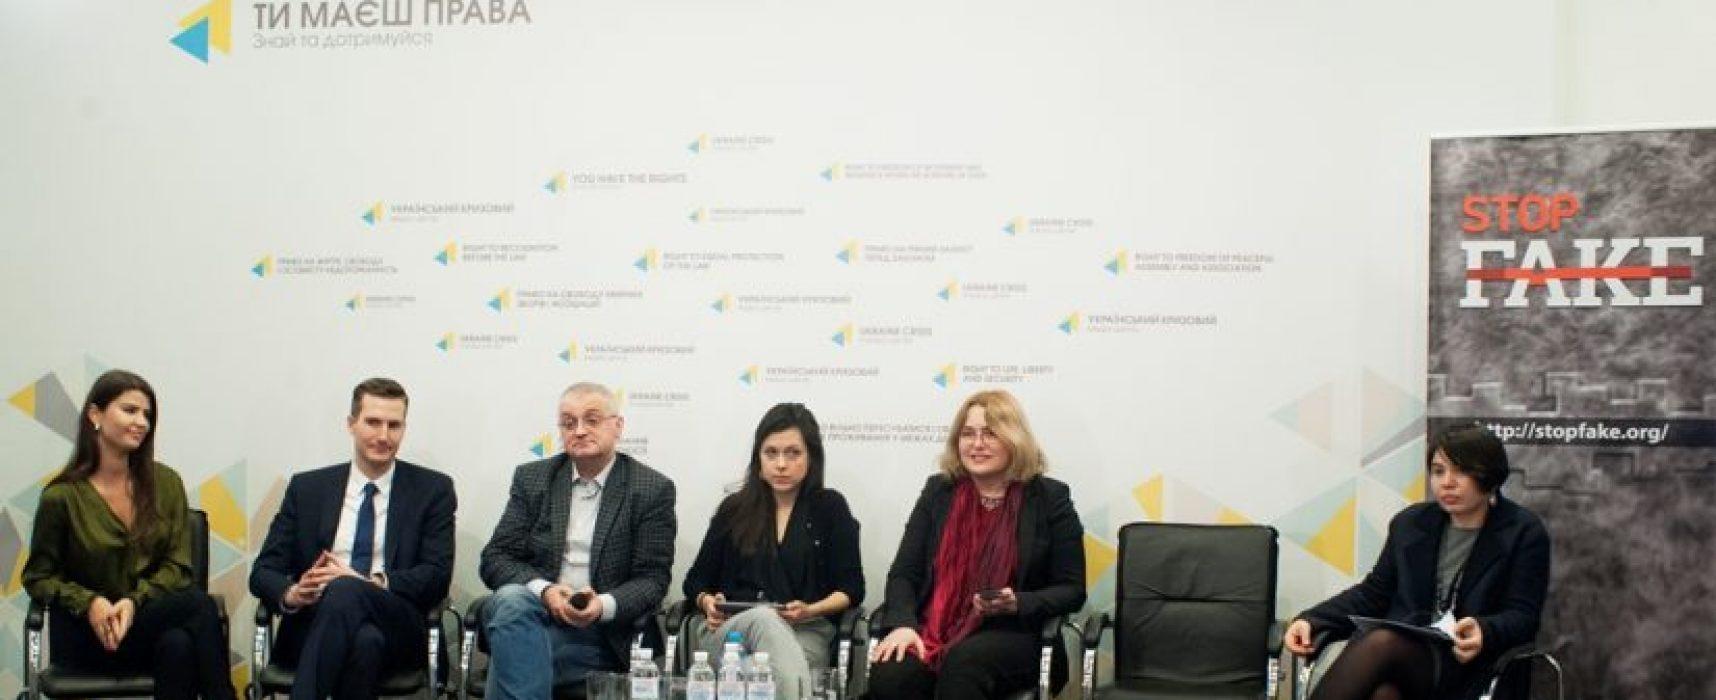 StopFake przedstawił wyniki monitoringu prokremlowskiej dezinformacji we wschodnioeuropejskich mediach